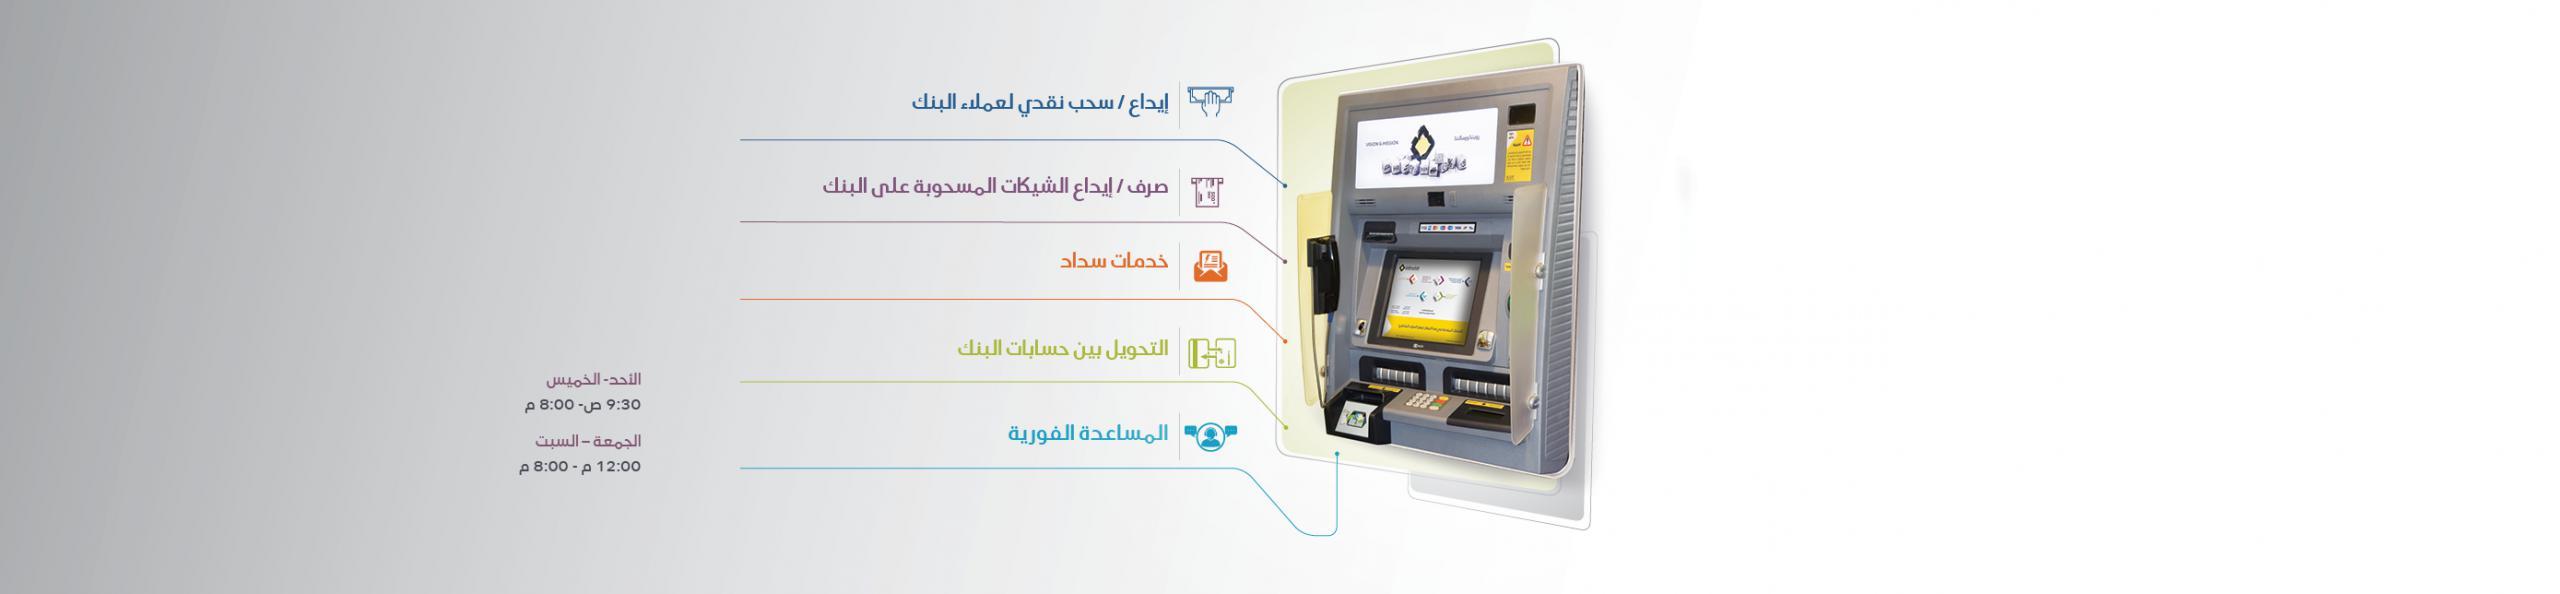 جهاز الصراف التفاعلي البنك السعودي للاستثمار